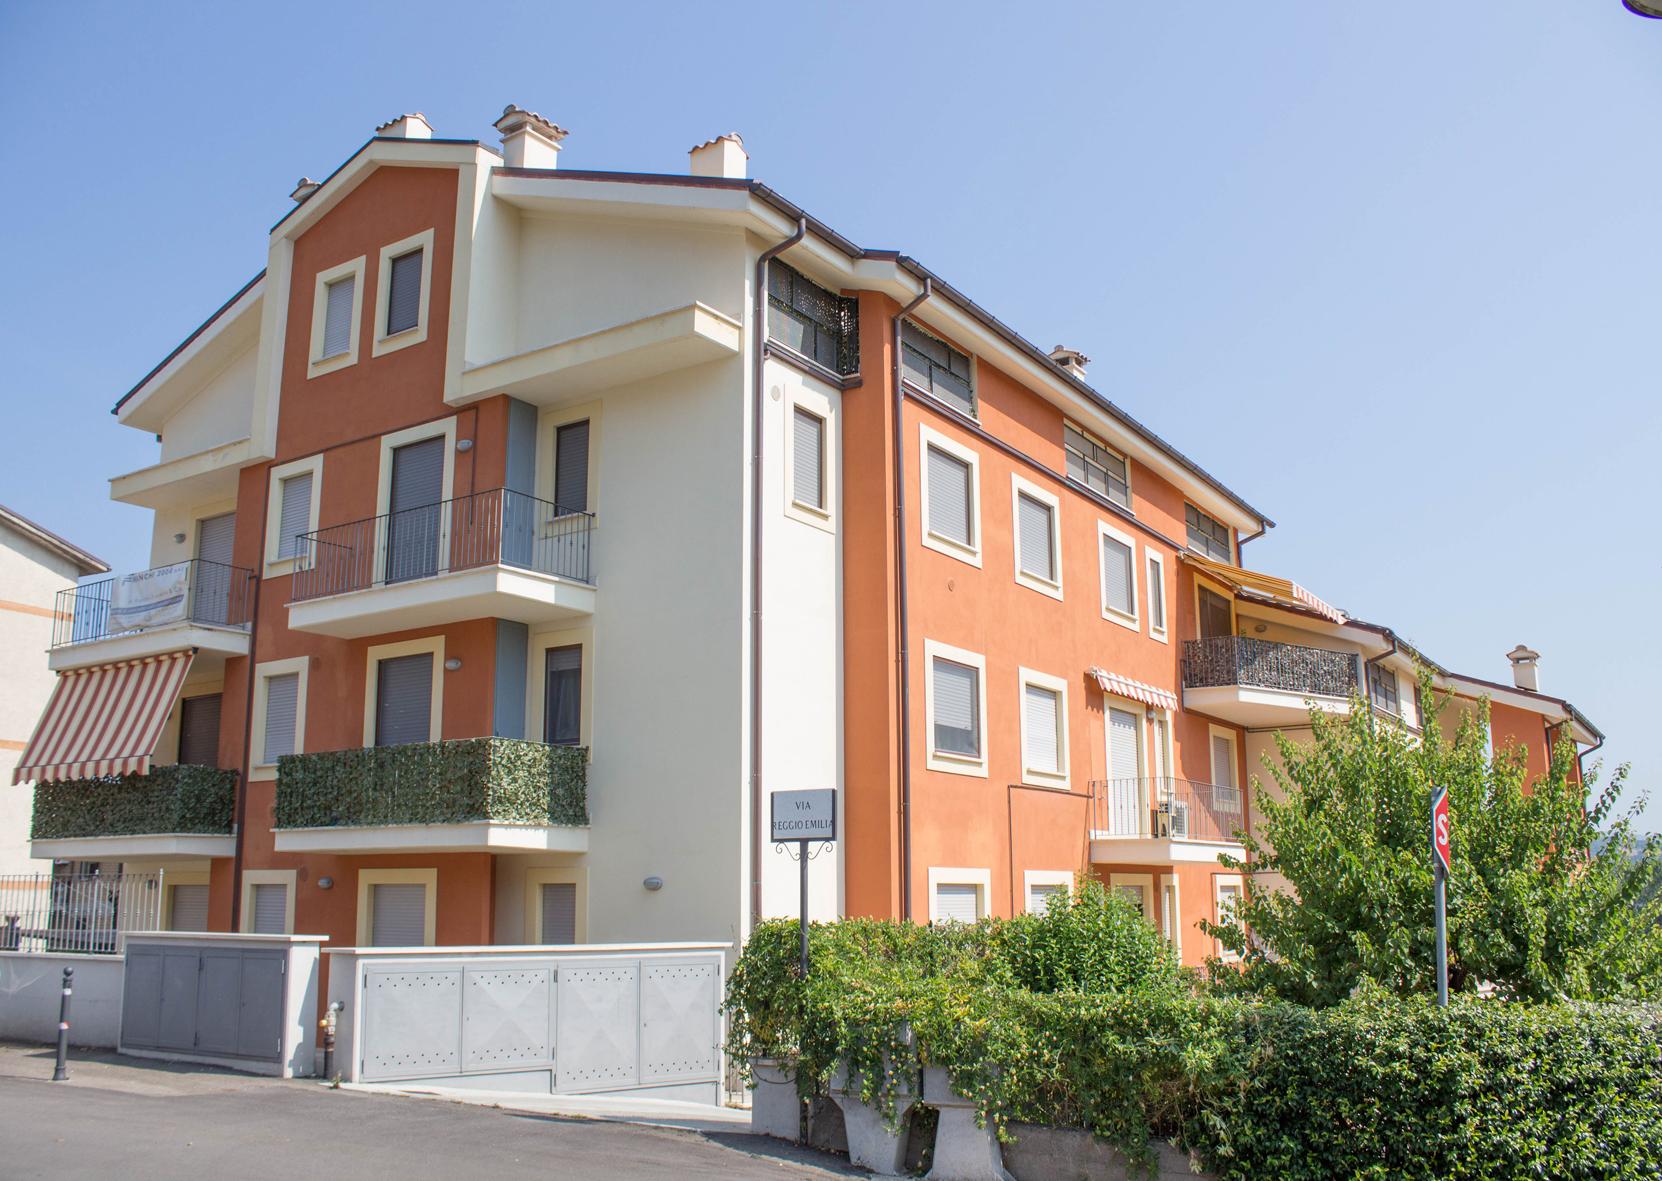 Appartamento in vendita a Orte, 2 locali, zona Località: OrteScalo, prezzo € 84.000 | Cambio Casa.it